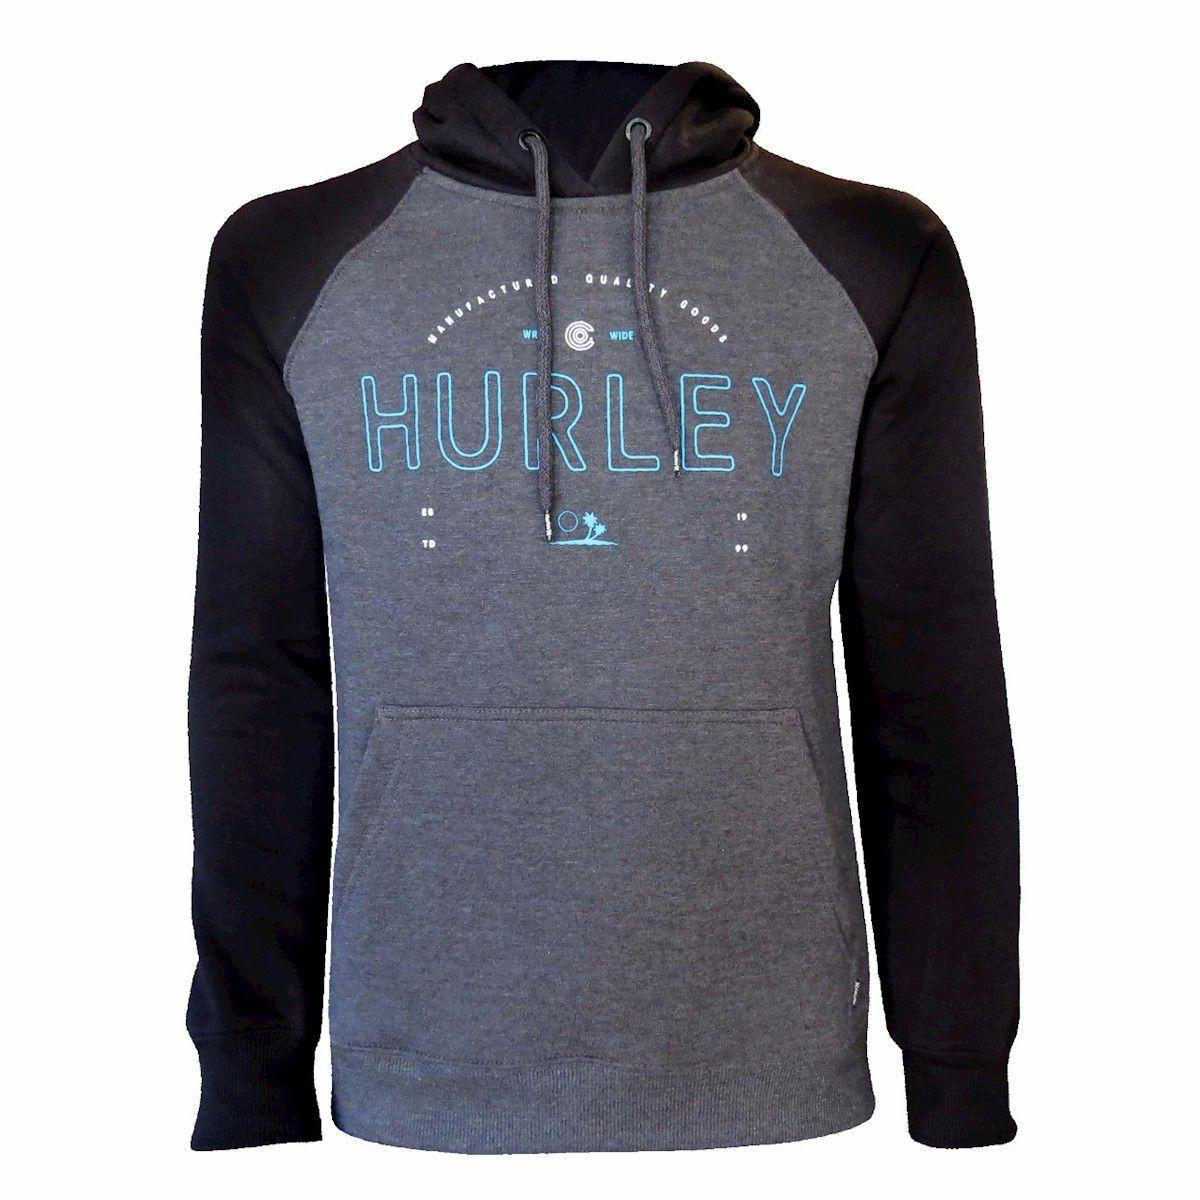 Moletom Hurley Layover Core Preto